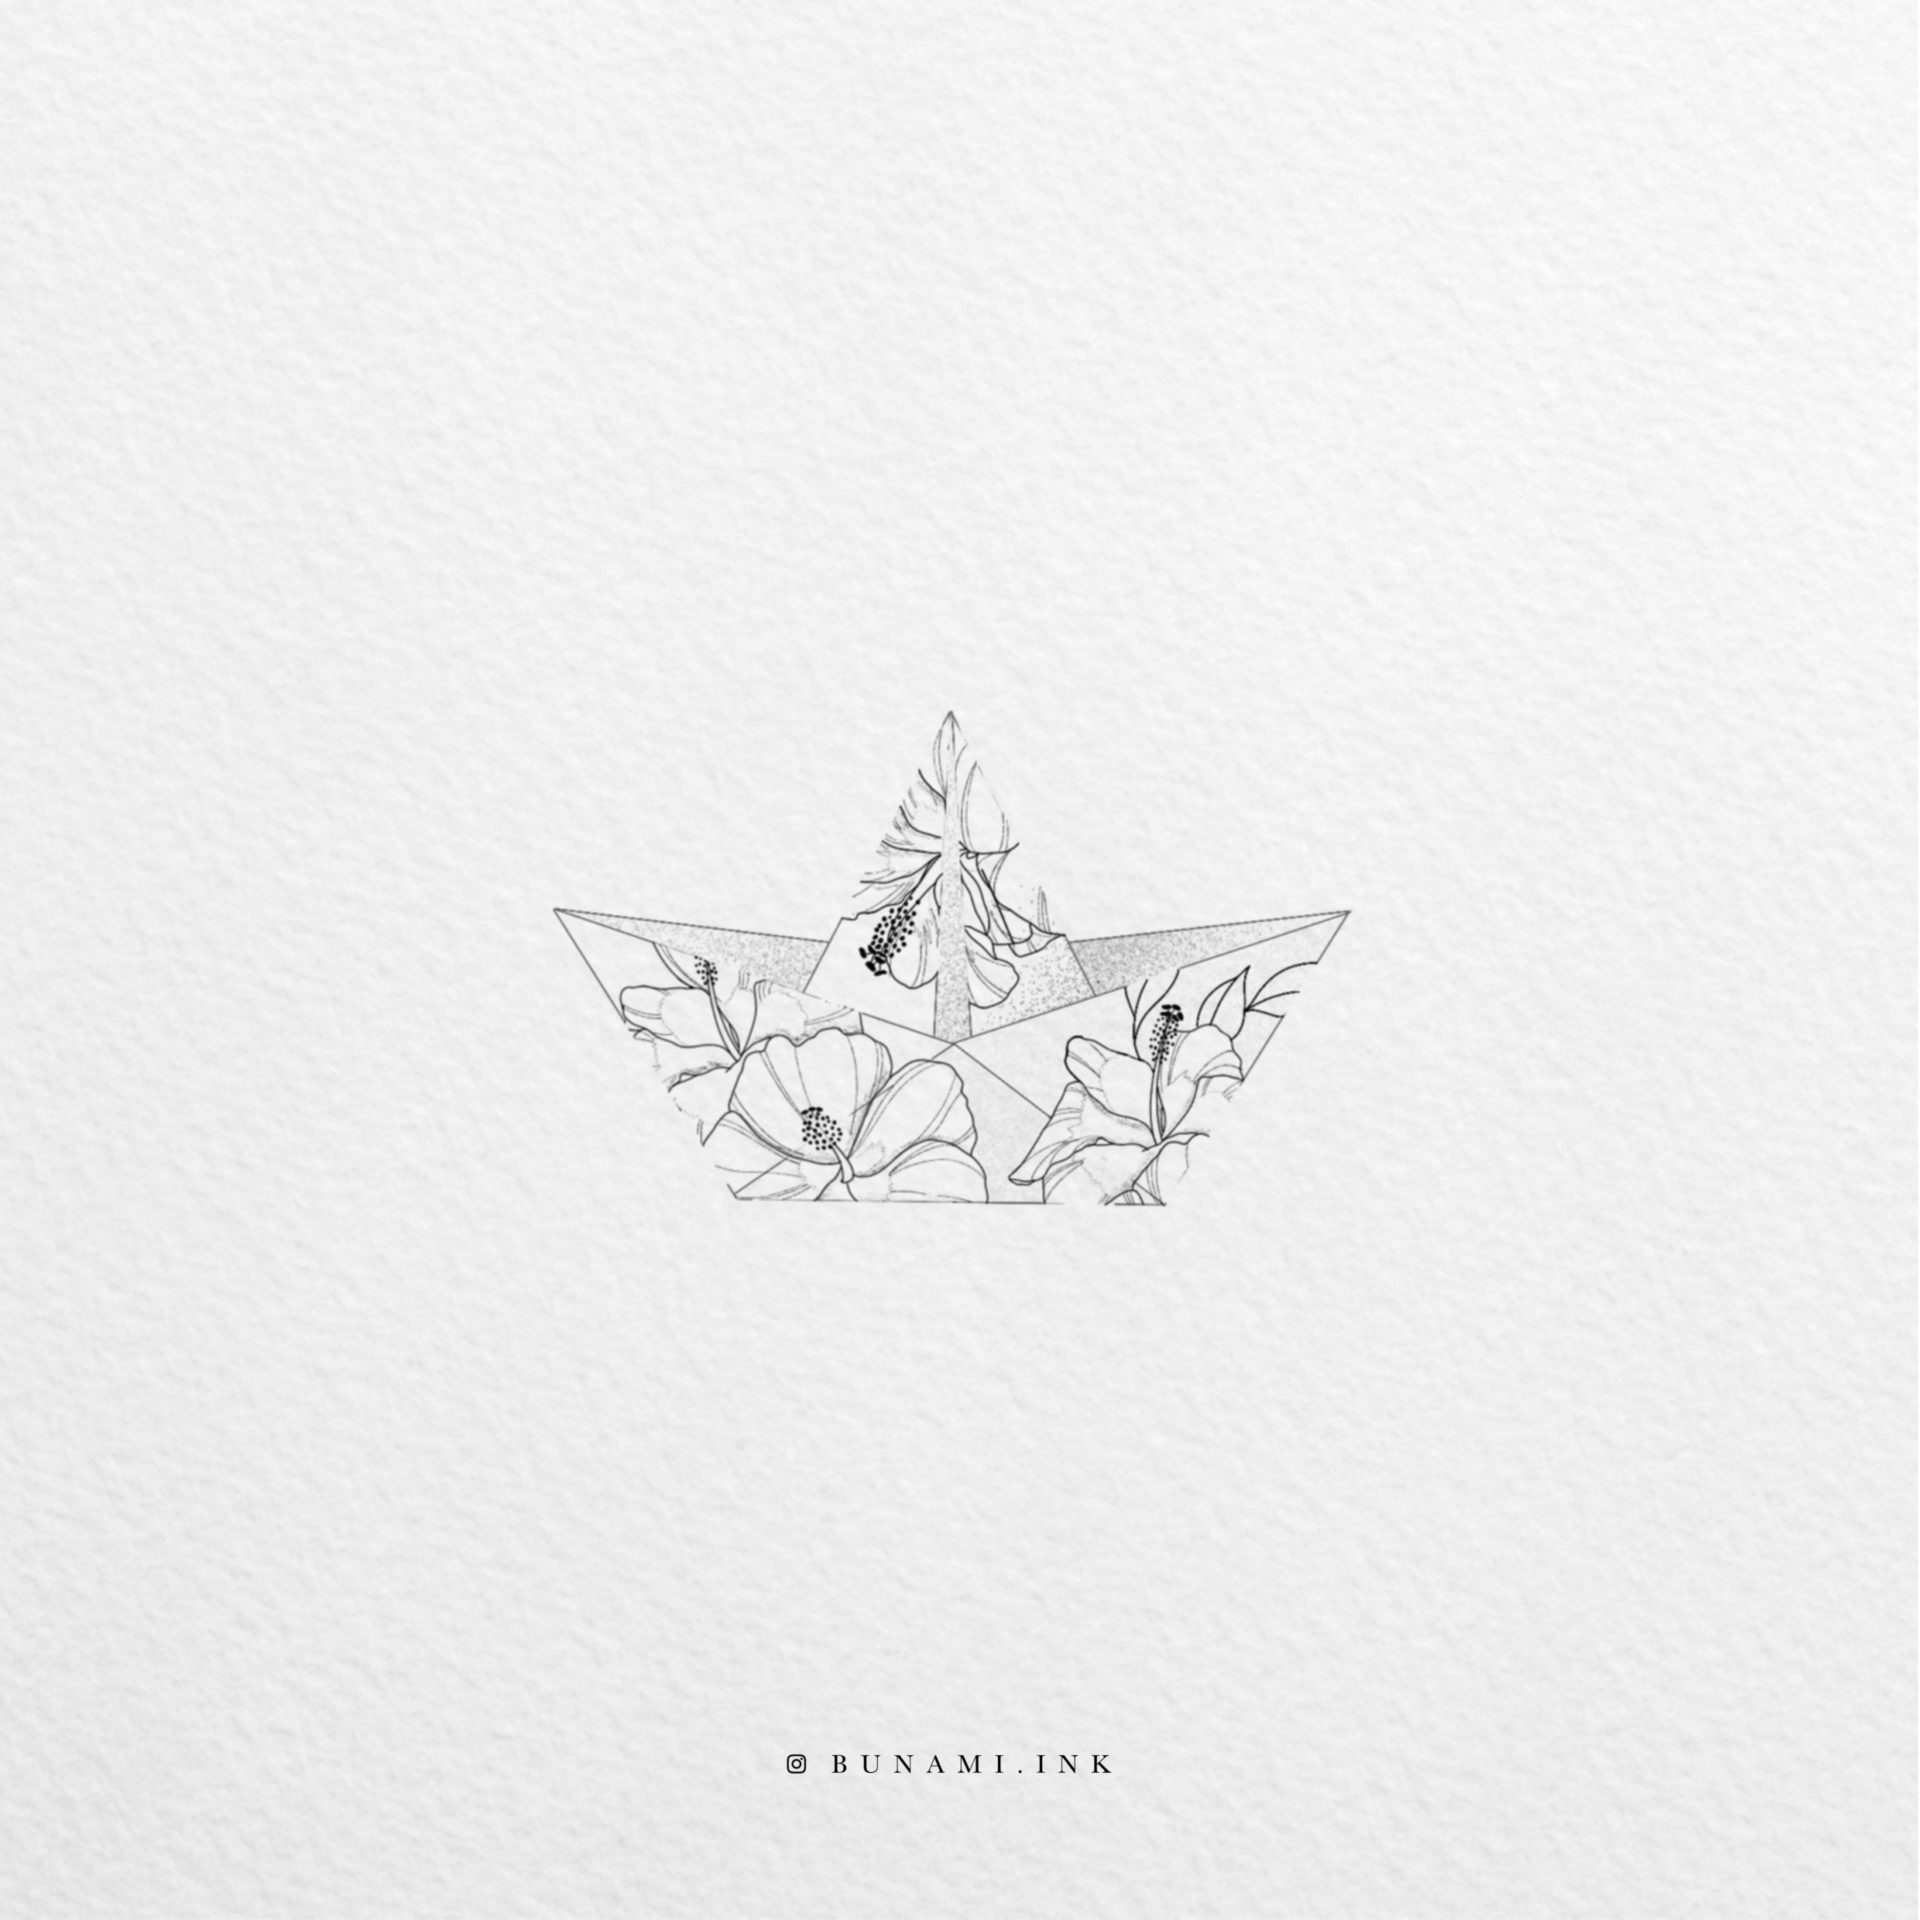 hibiscus-paper-boat_2020-07-04